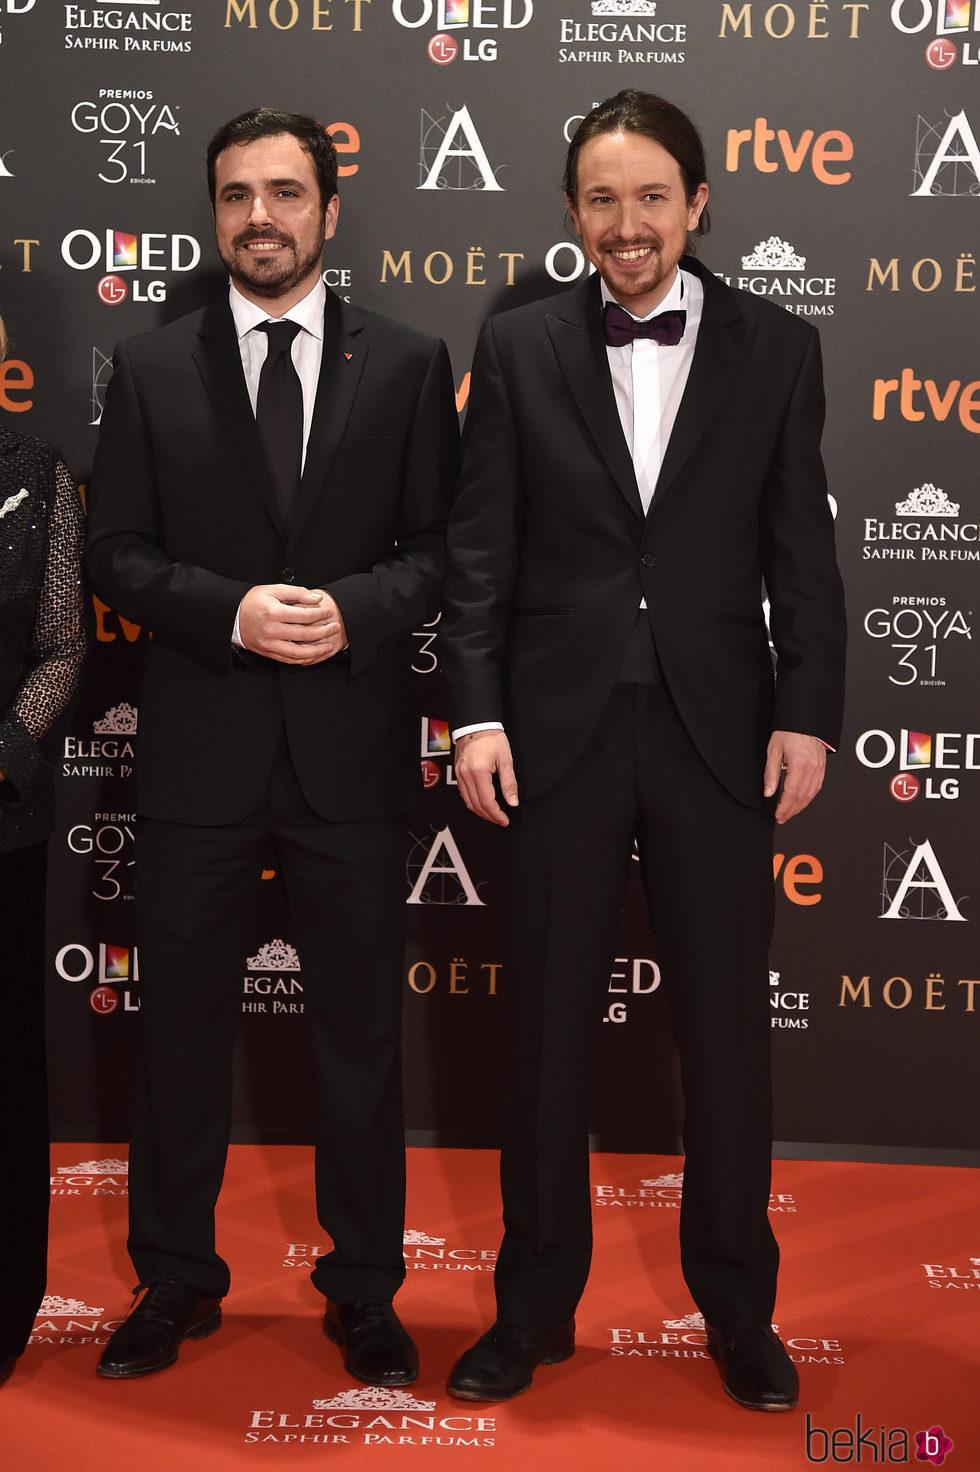 Alberto Garzón y Pablo Iglesias en la alfombra roja de los Premios Goya 2017